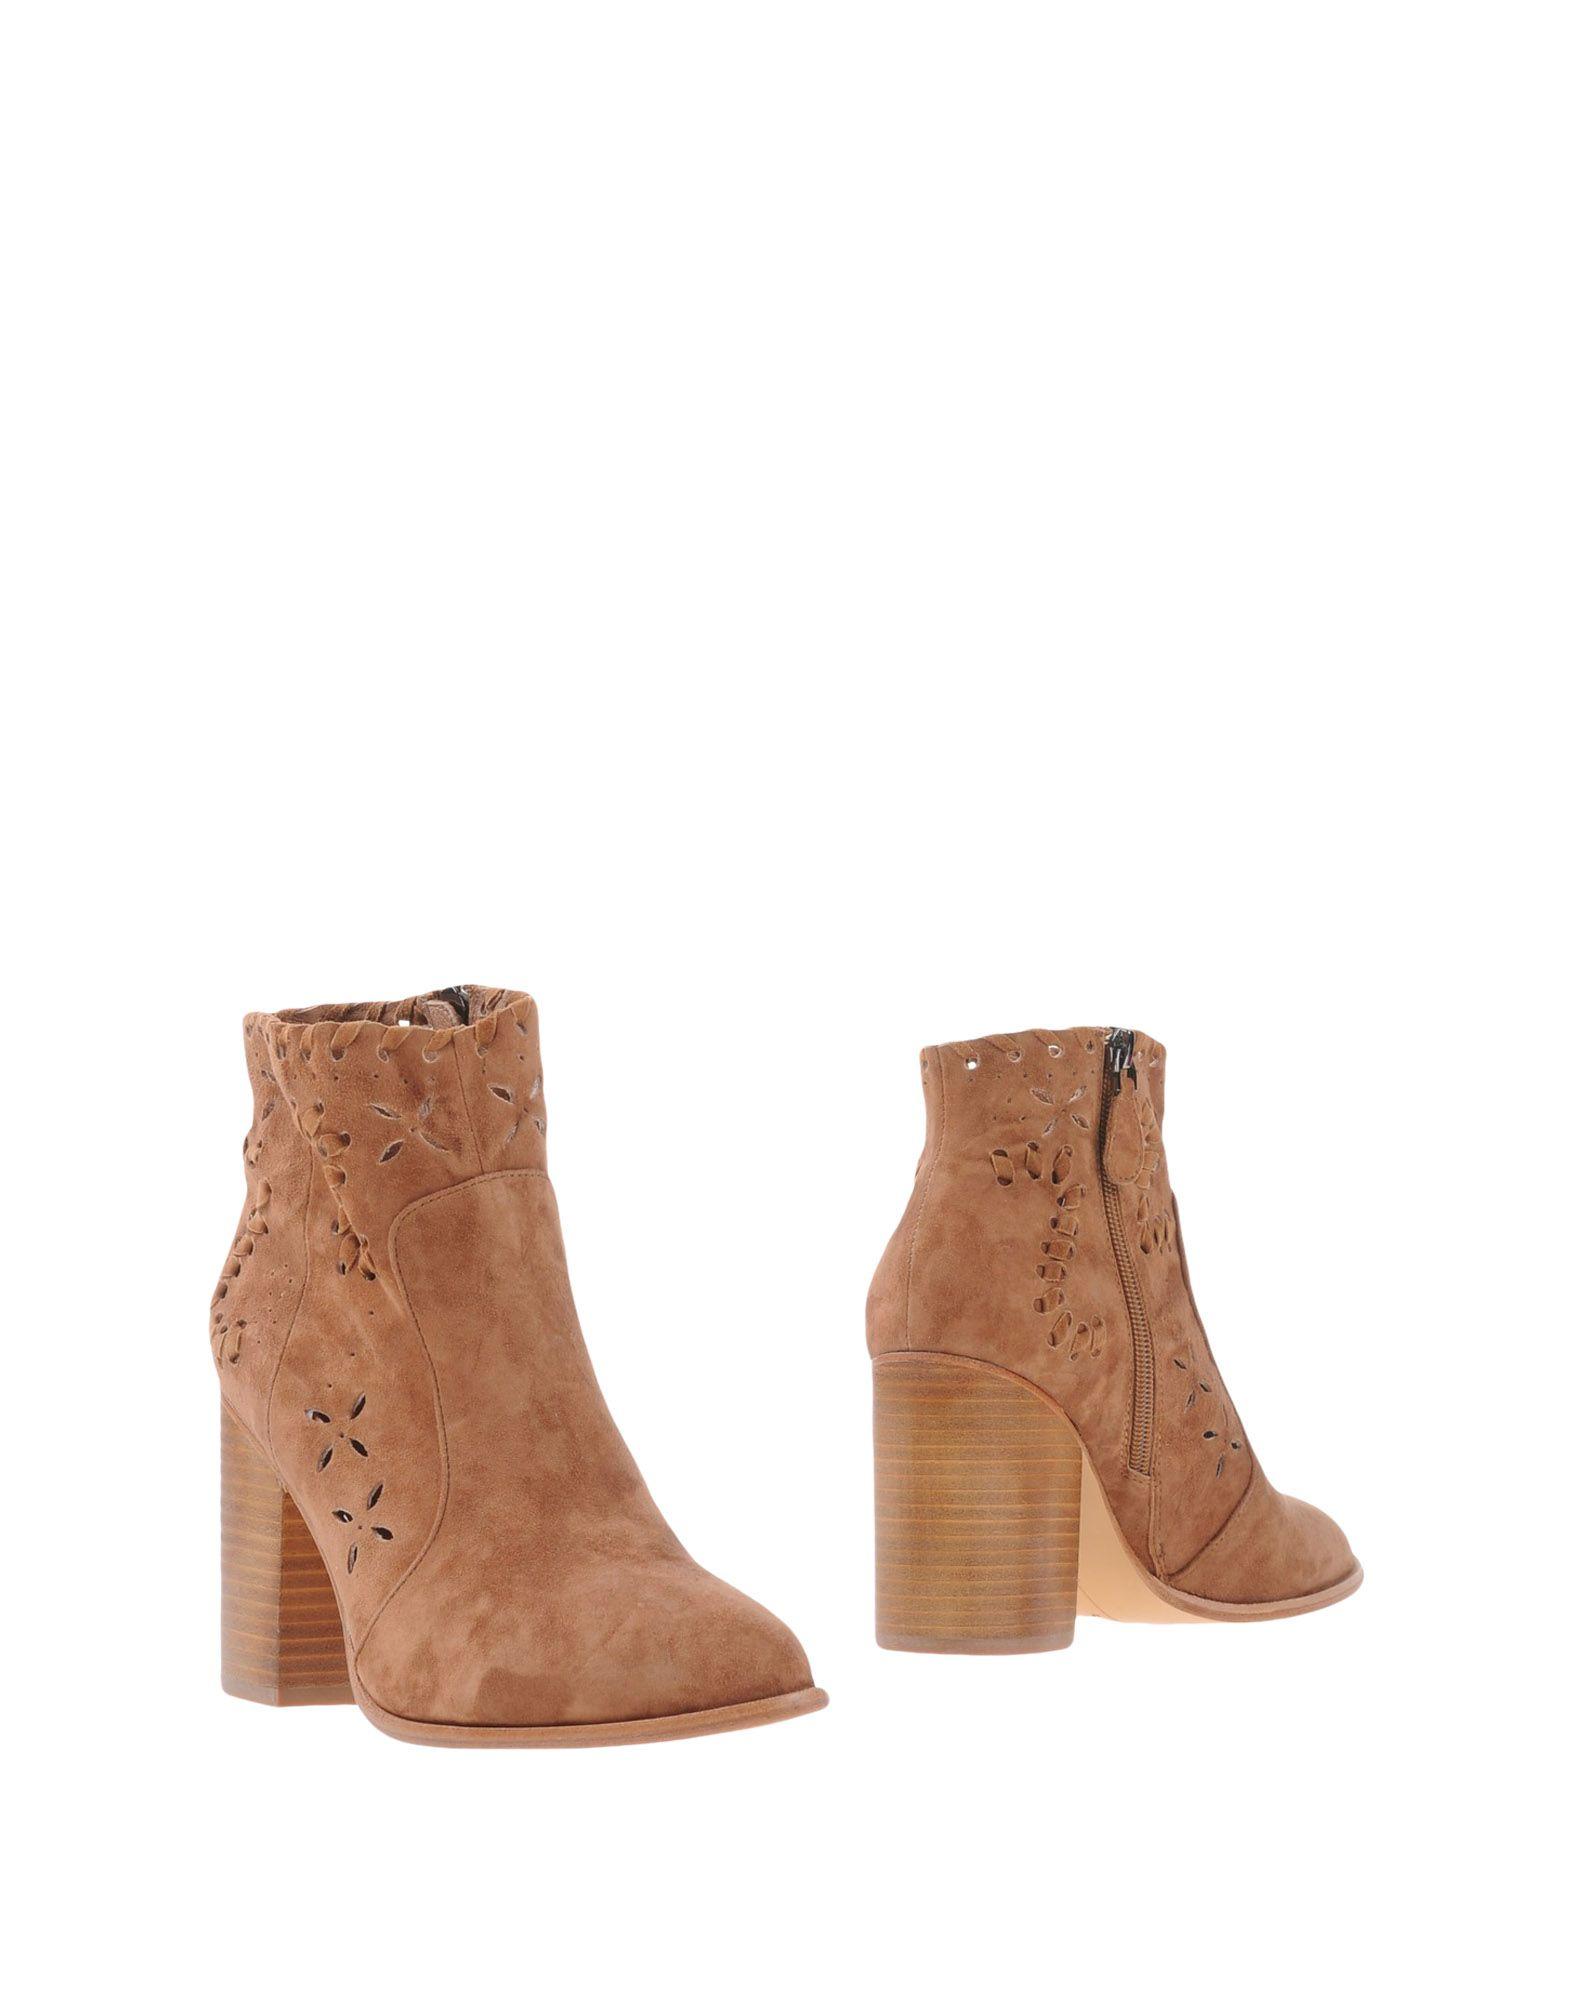 Lola Lola Lola Cruz Stiefelette Damen  11346140DQ Gute Qualität beliebte Schuhe 3c27f0